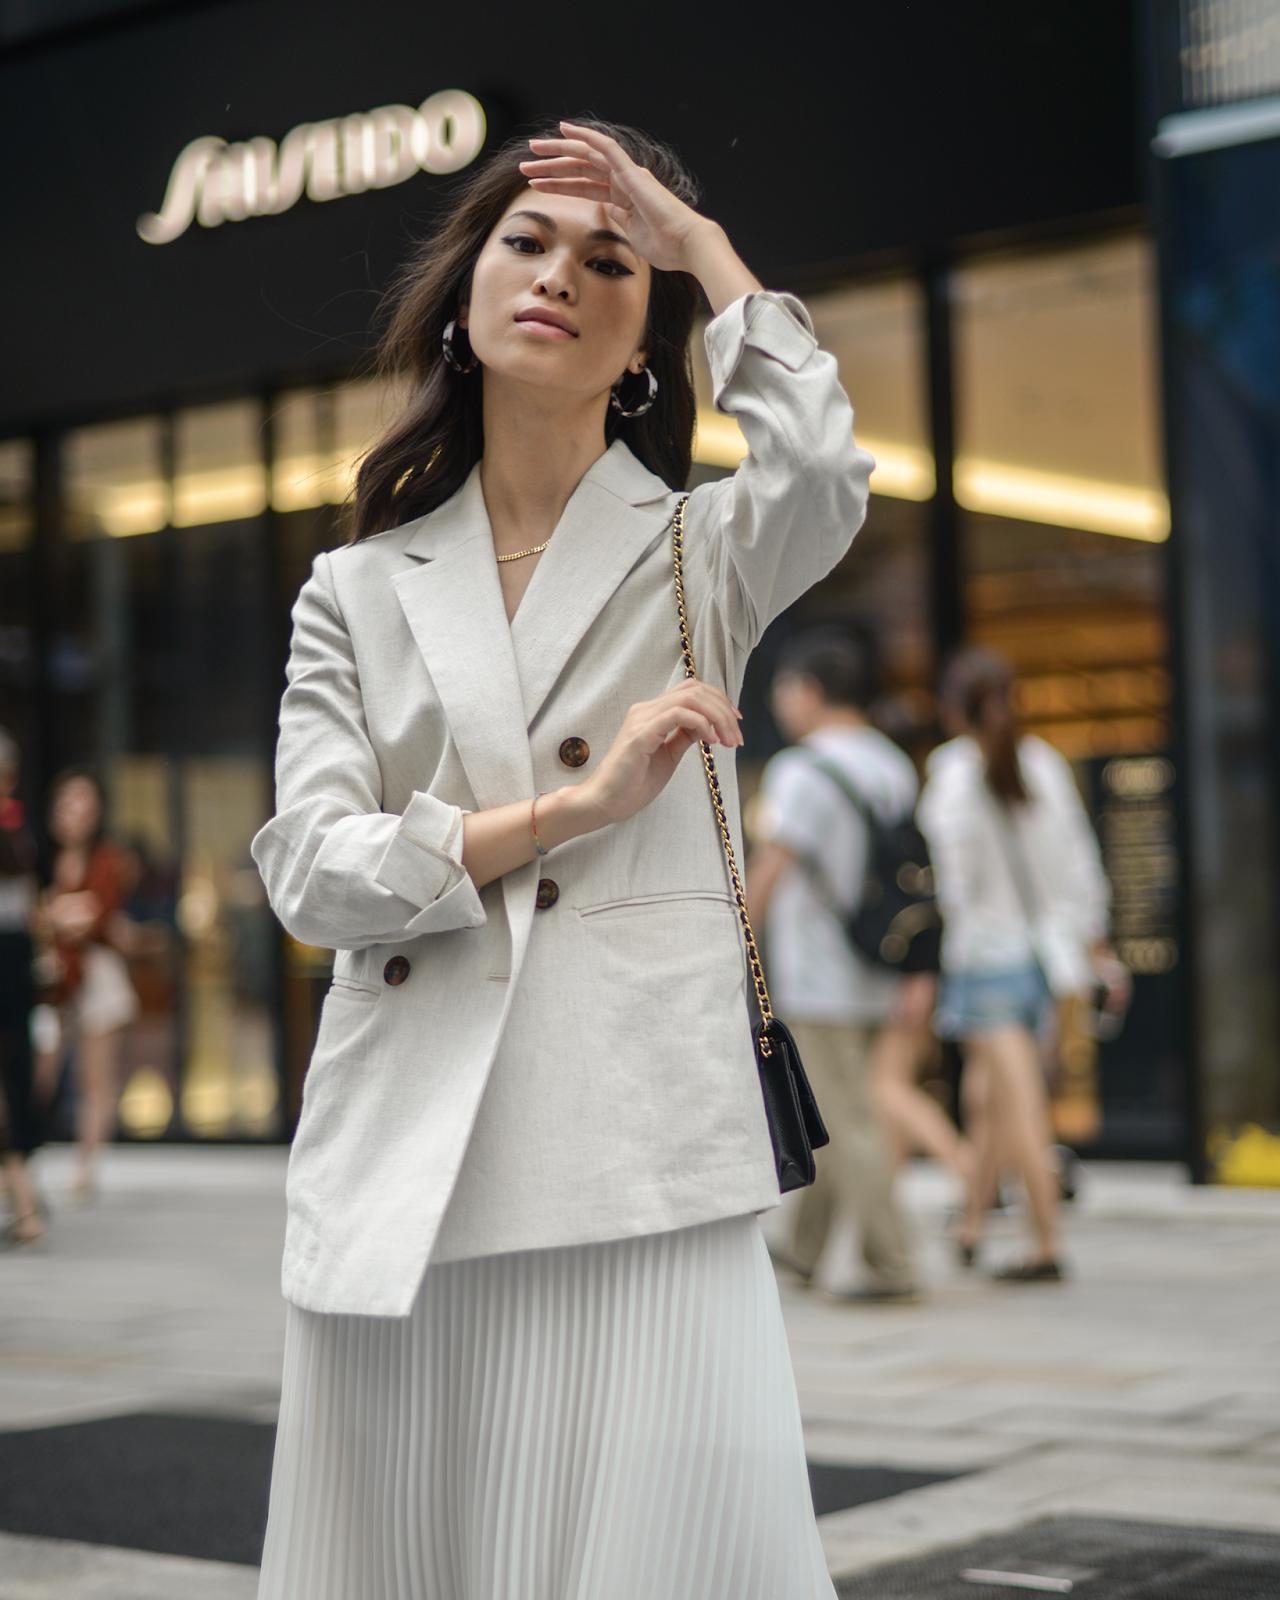 d171e52ac2ef A Radiant Day in Tokyo with Clé De Peau Beauté w 2019